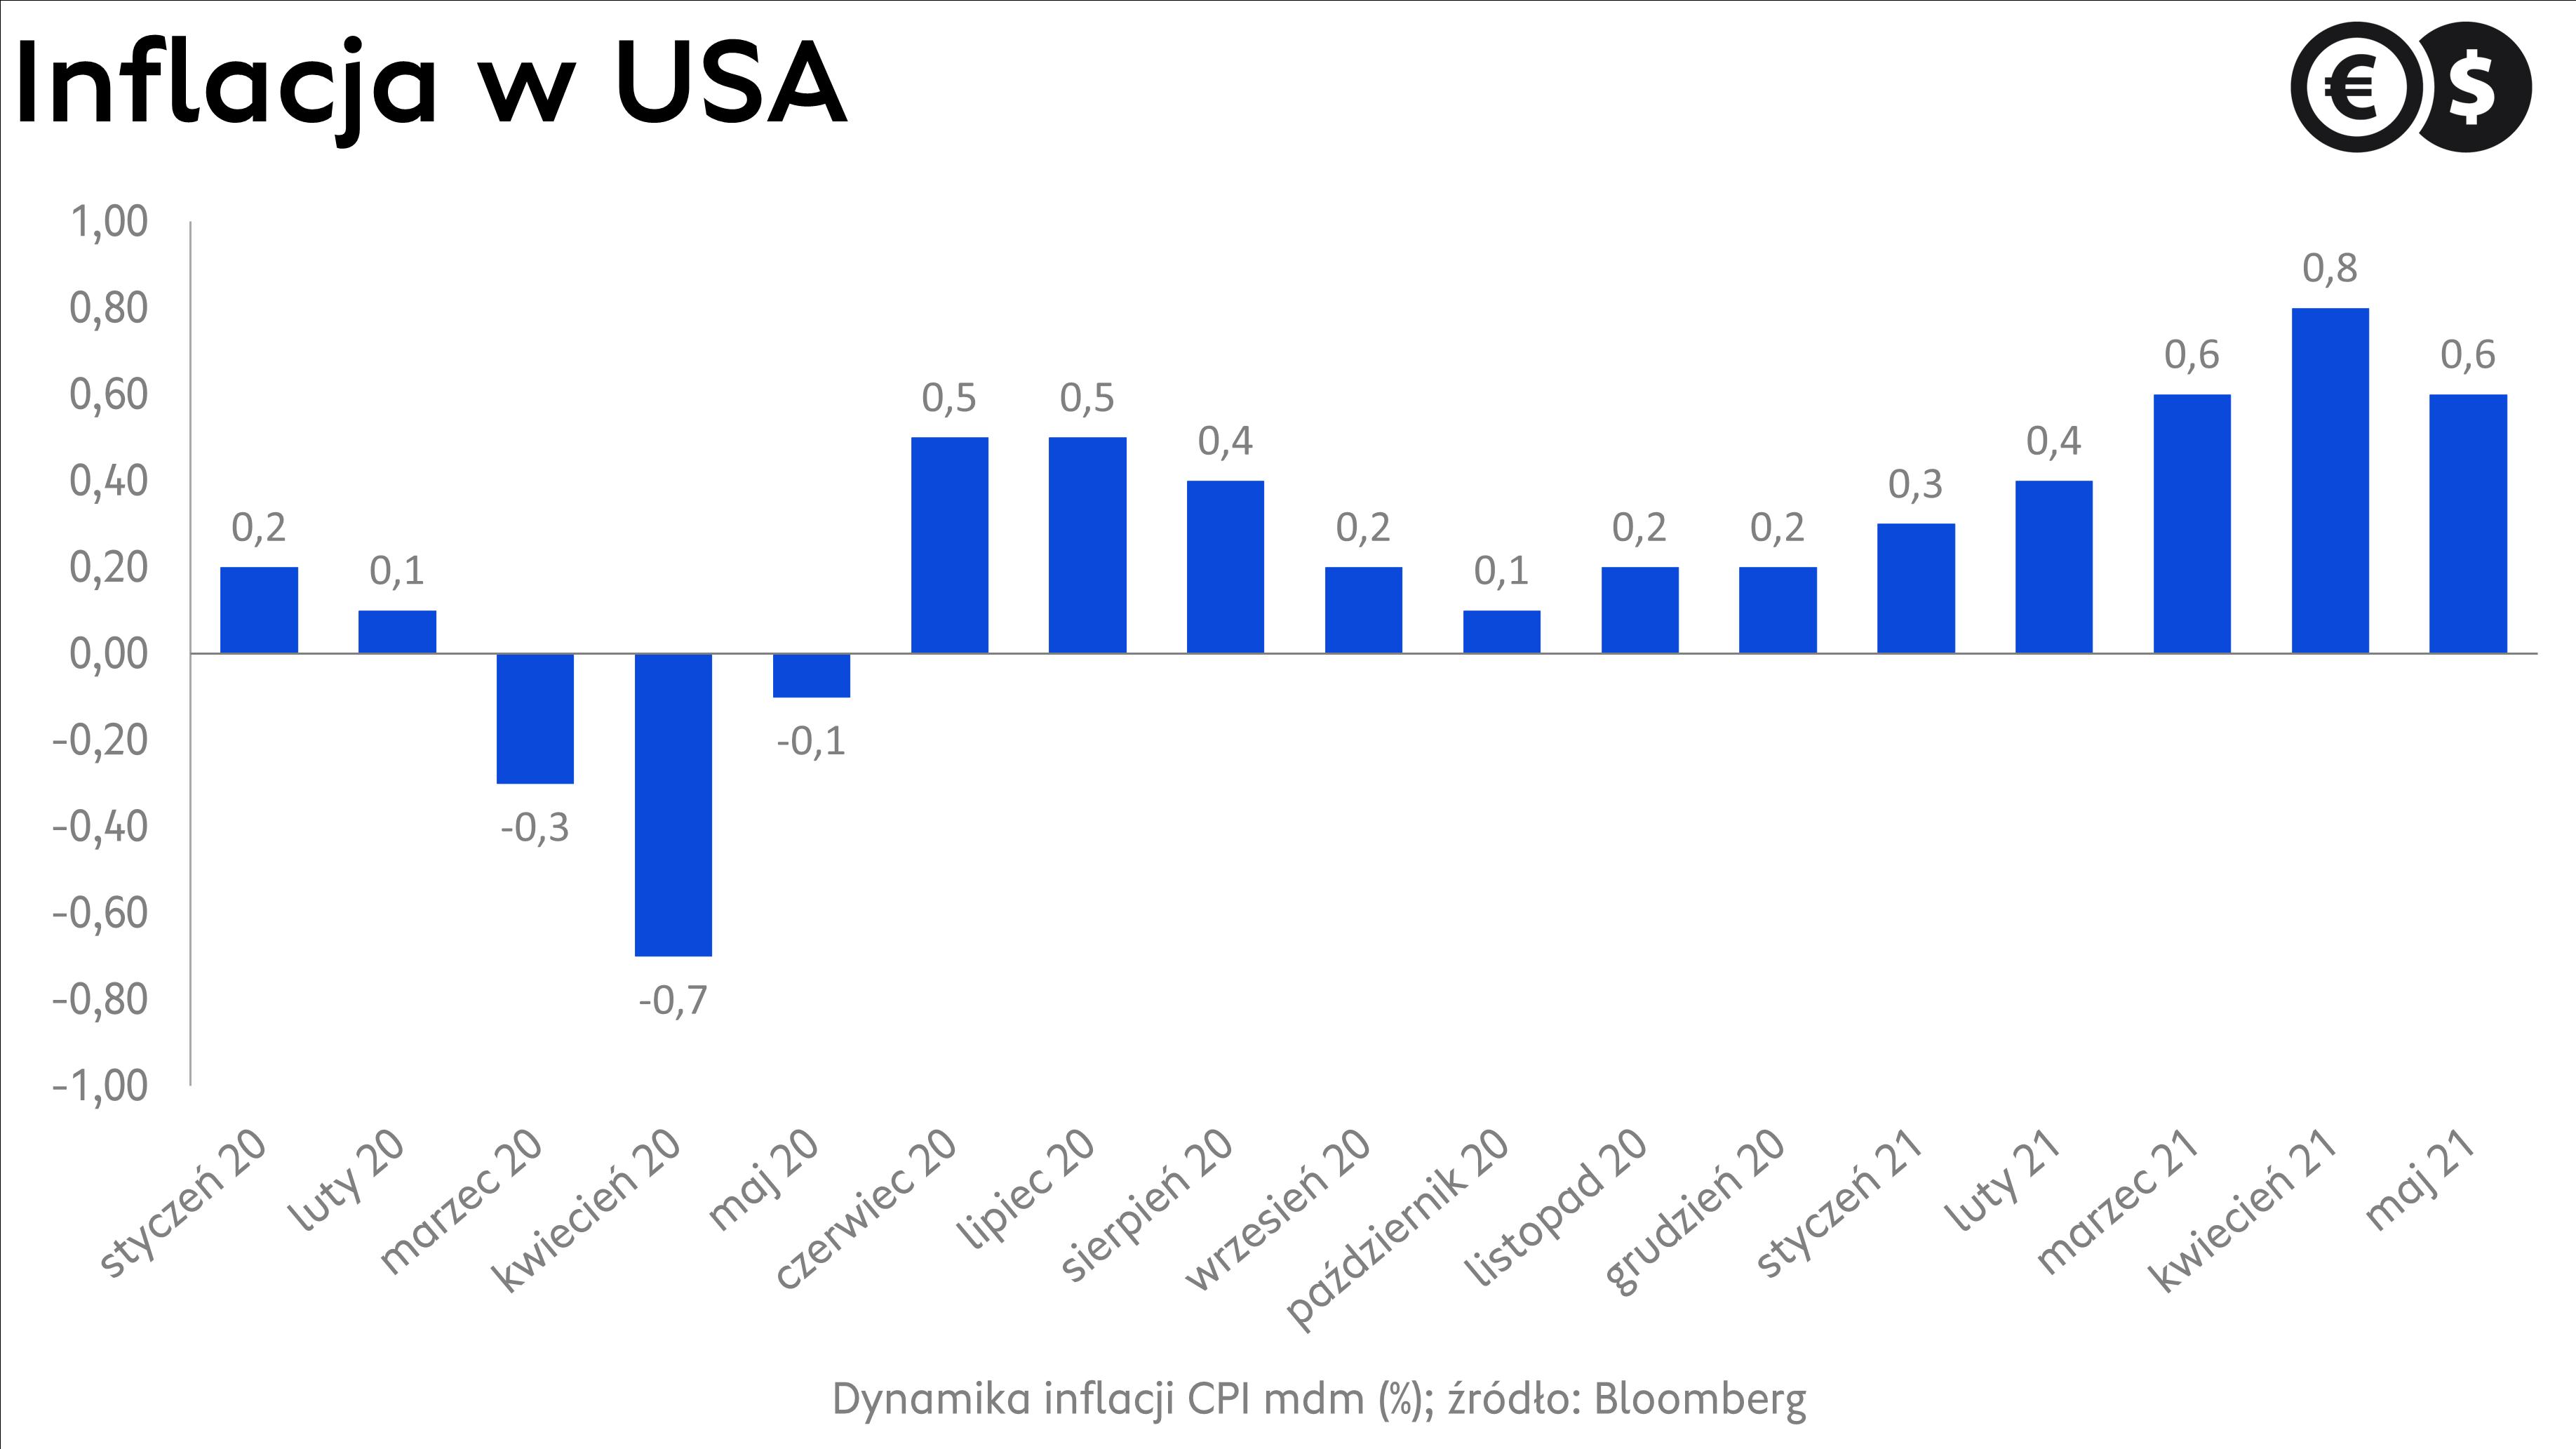 Inflacja w USA źródło: Bloomberg